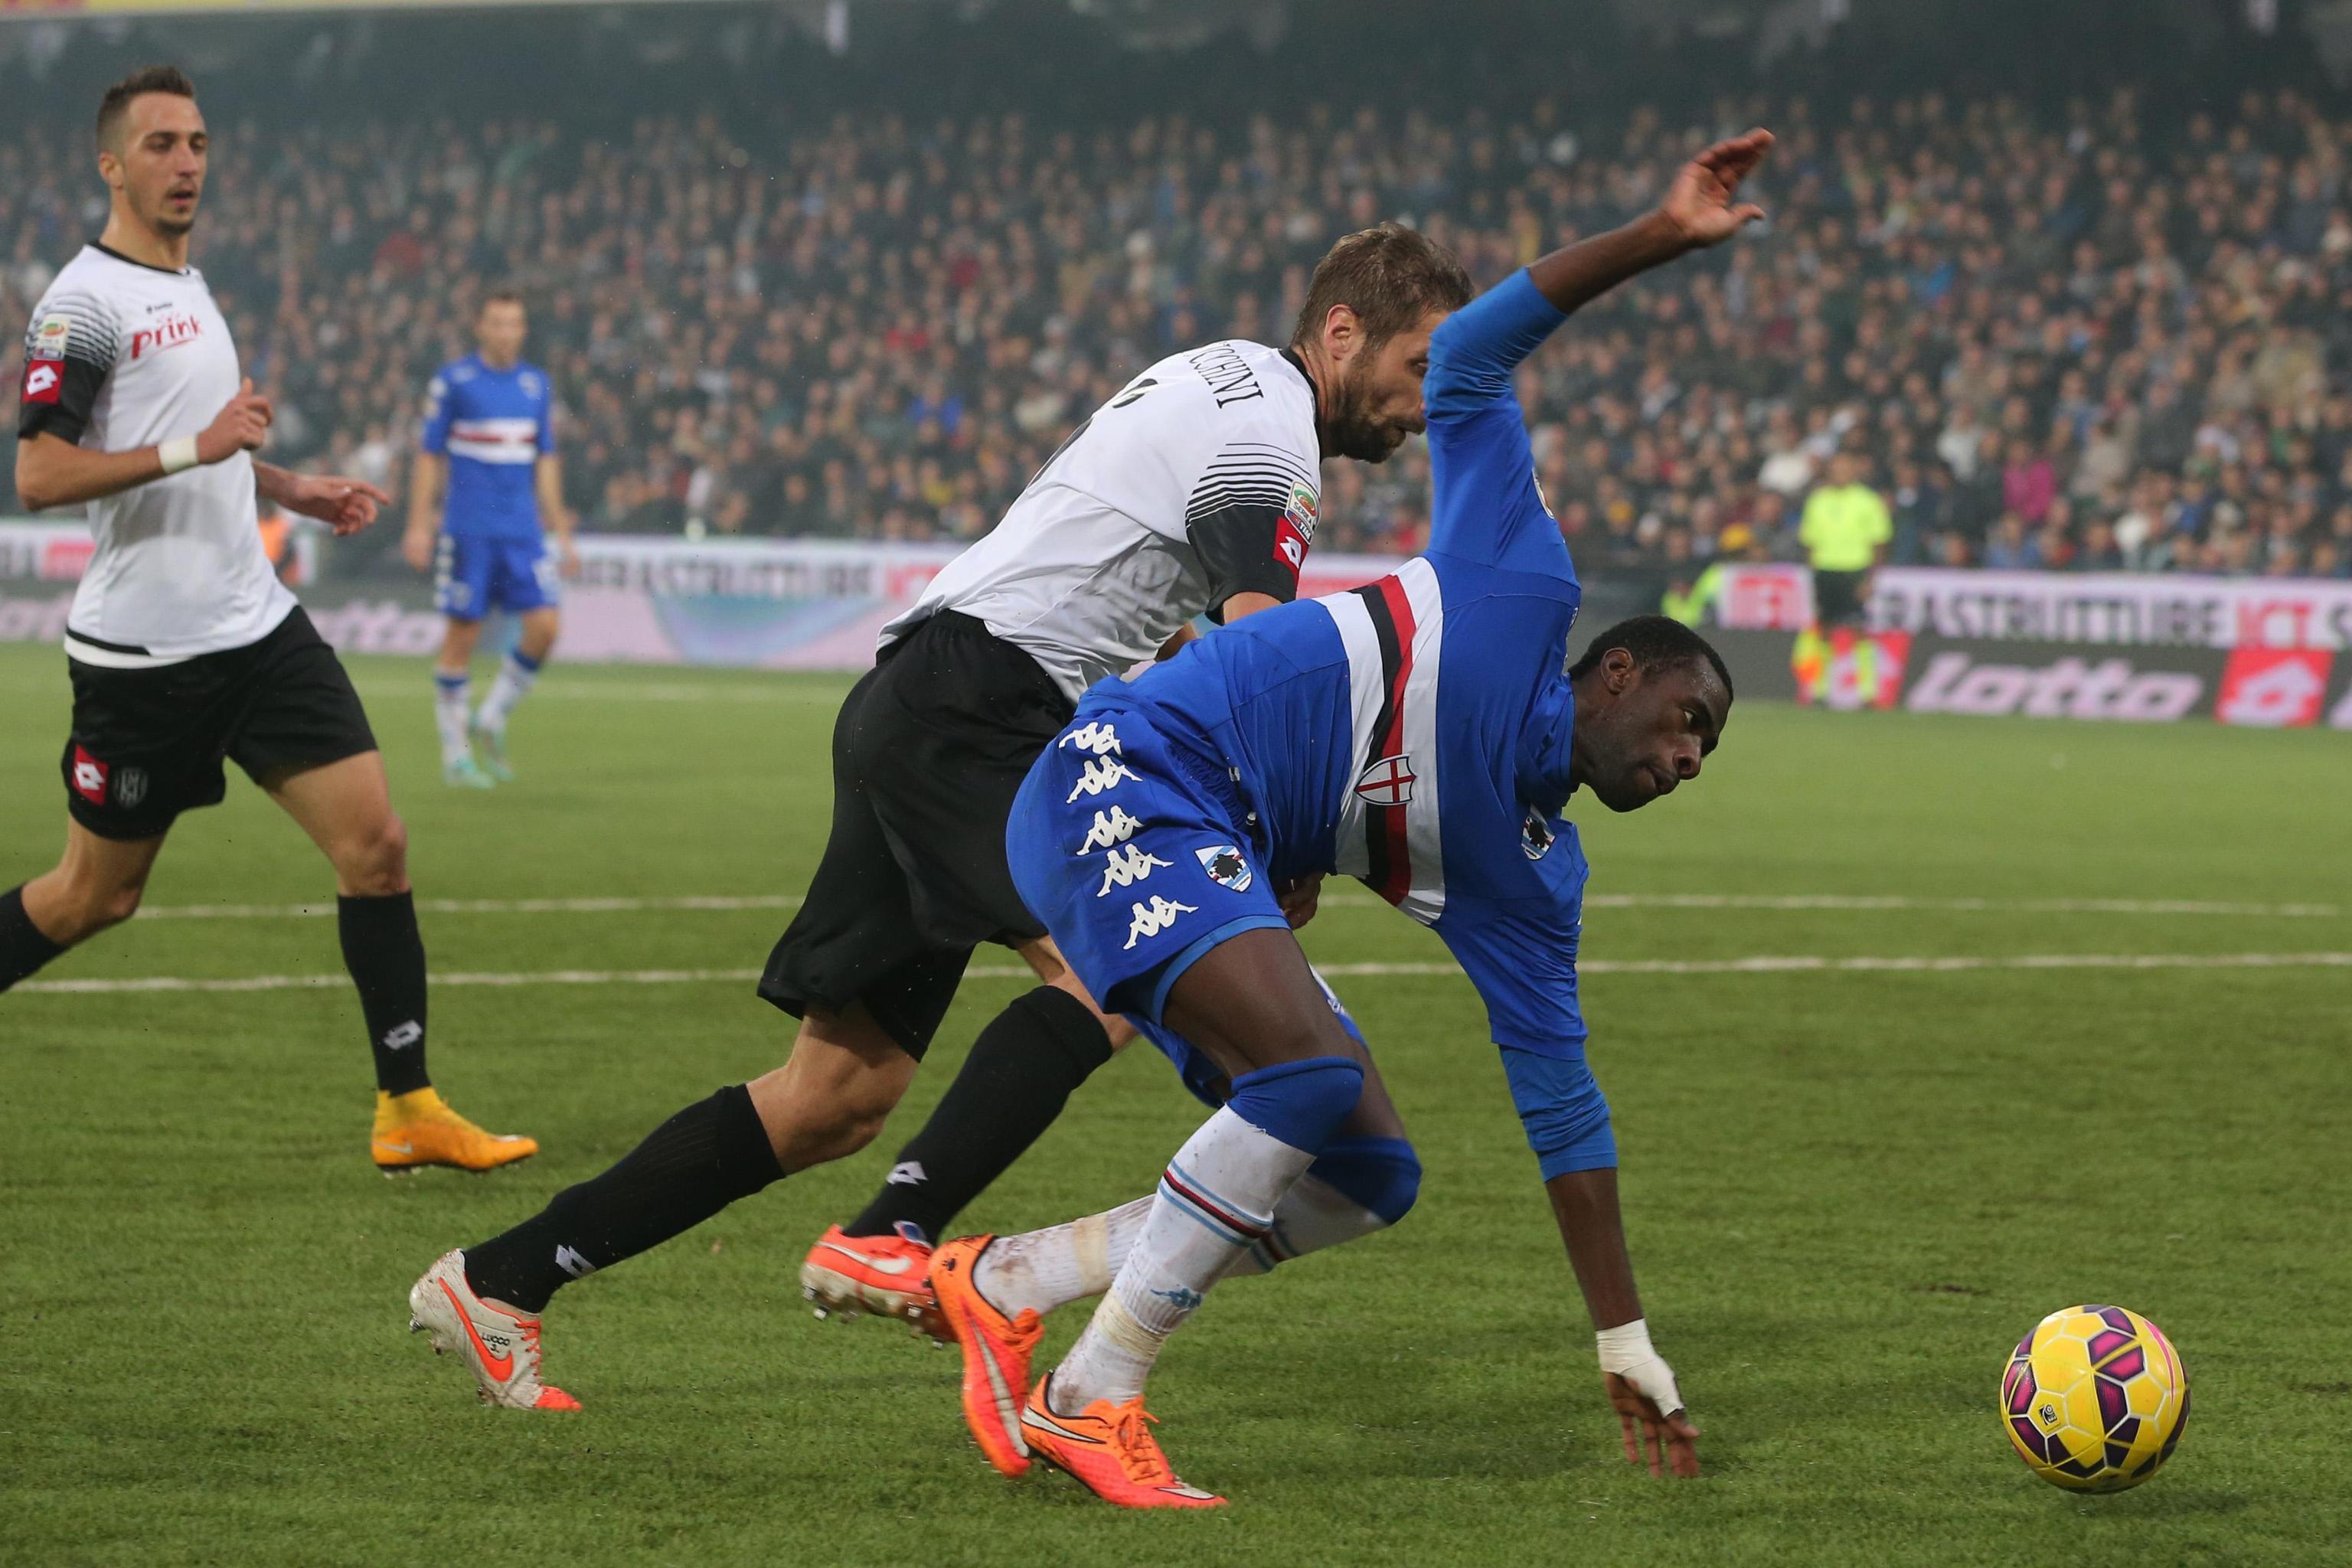 La Sampdoria non va oltre lo 0-0 a Marassi contro il Cesena. occasione sprecata per l'Europa